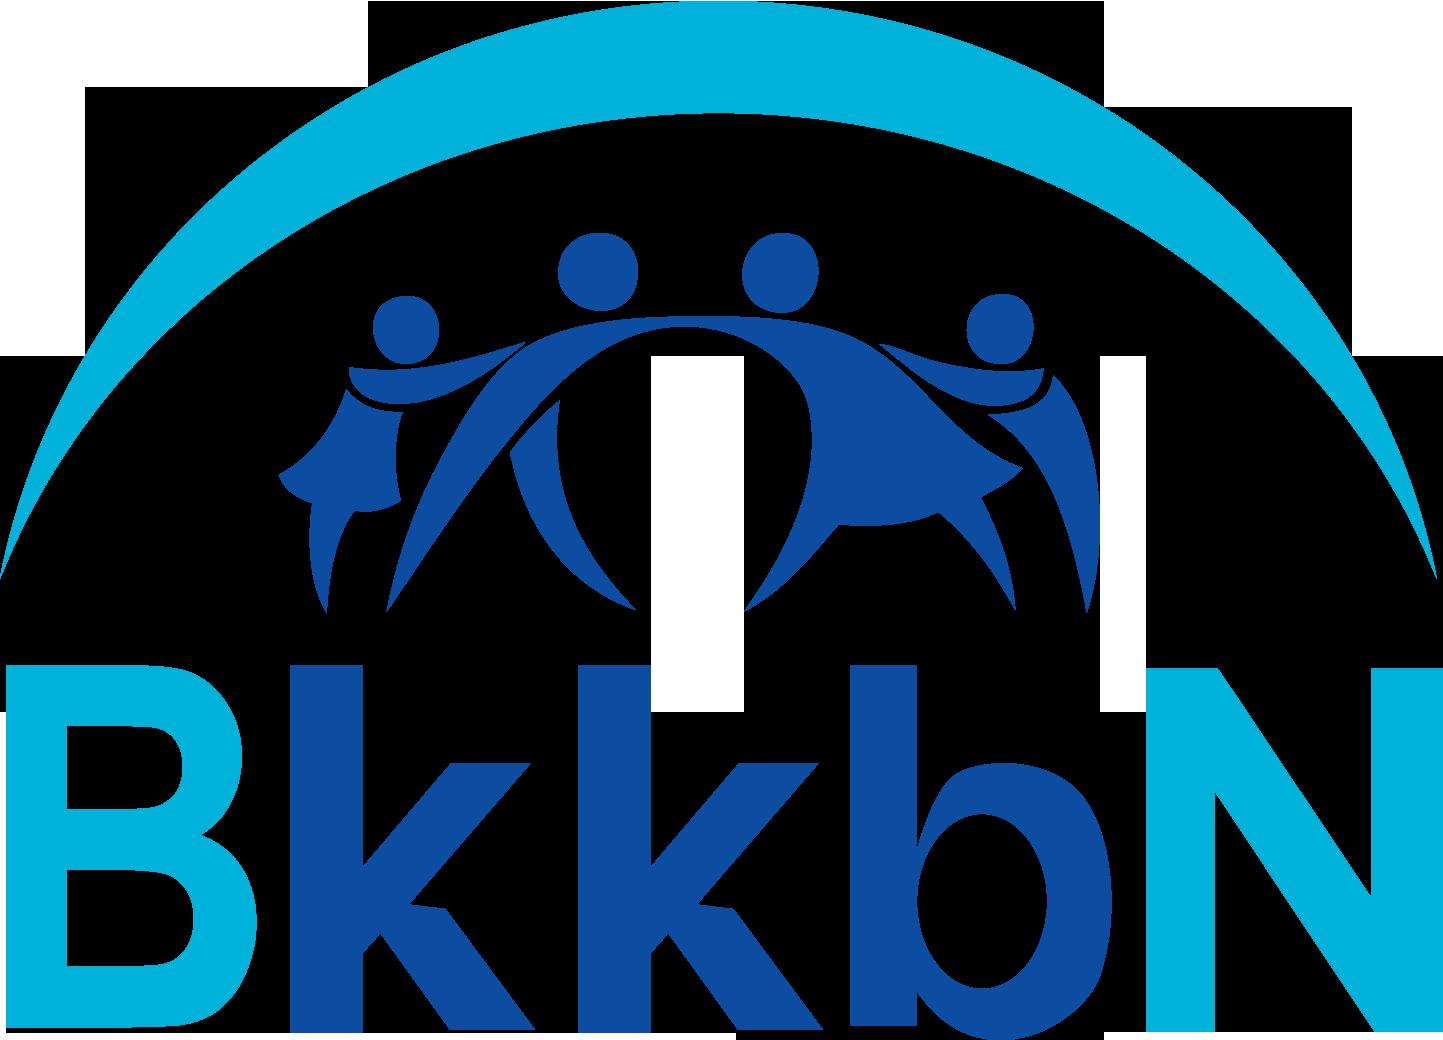 BKKBN Logo Wallpaper